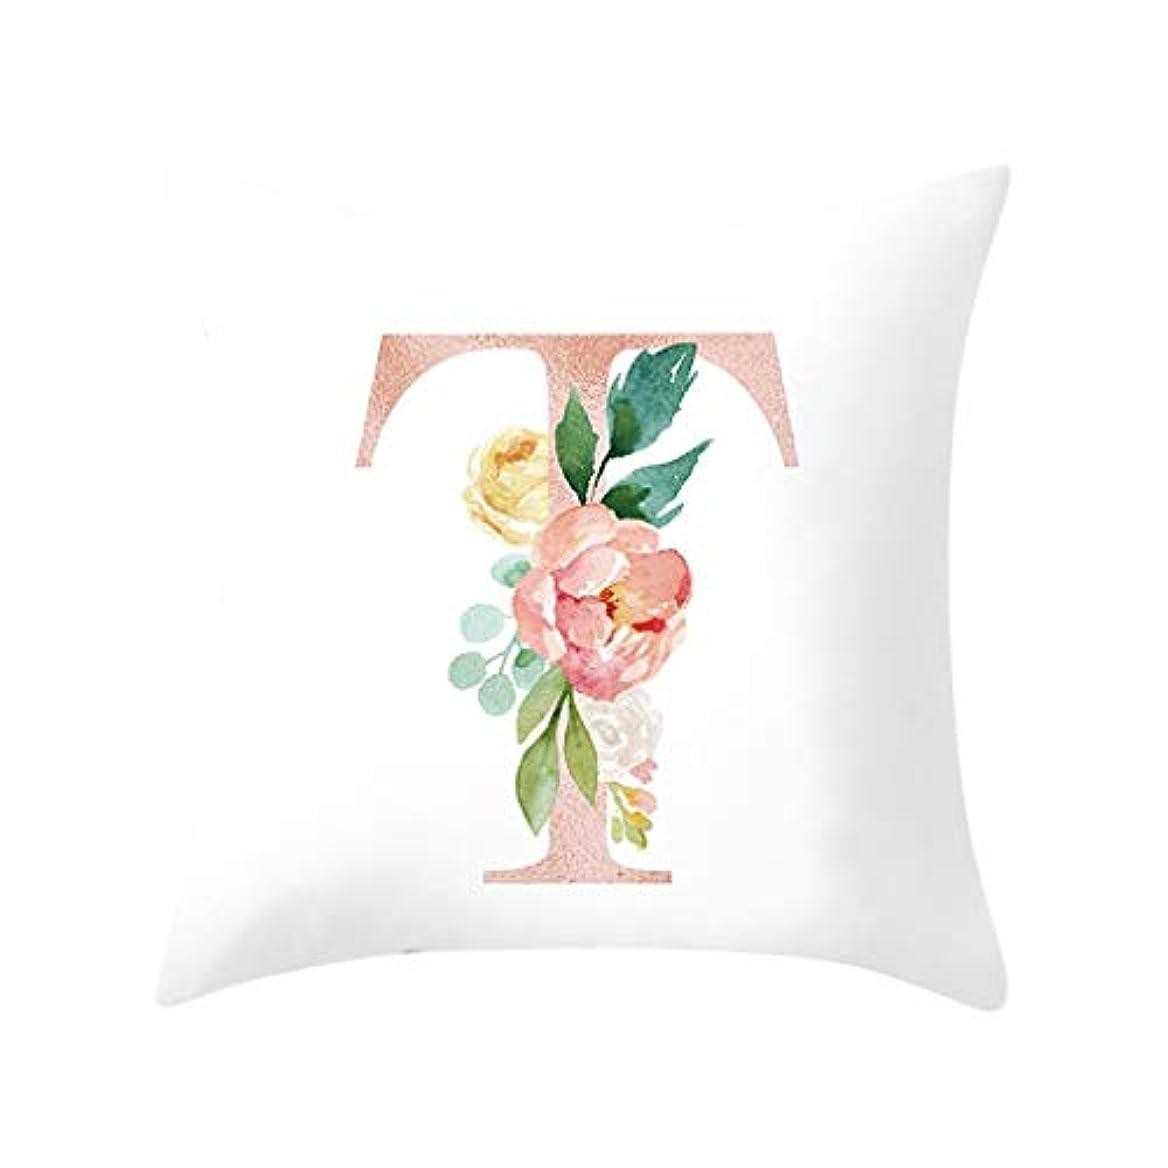 放棄されたしてはいけませんで出来ているLIFE 装飾クッションソファ手紙枕アルファベットクッション印刷ソファ家の装飾の花枕 coussin decoratif クッション 椅子